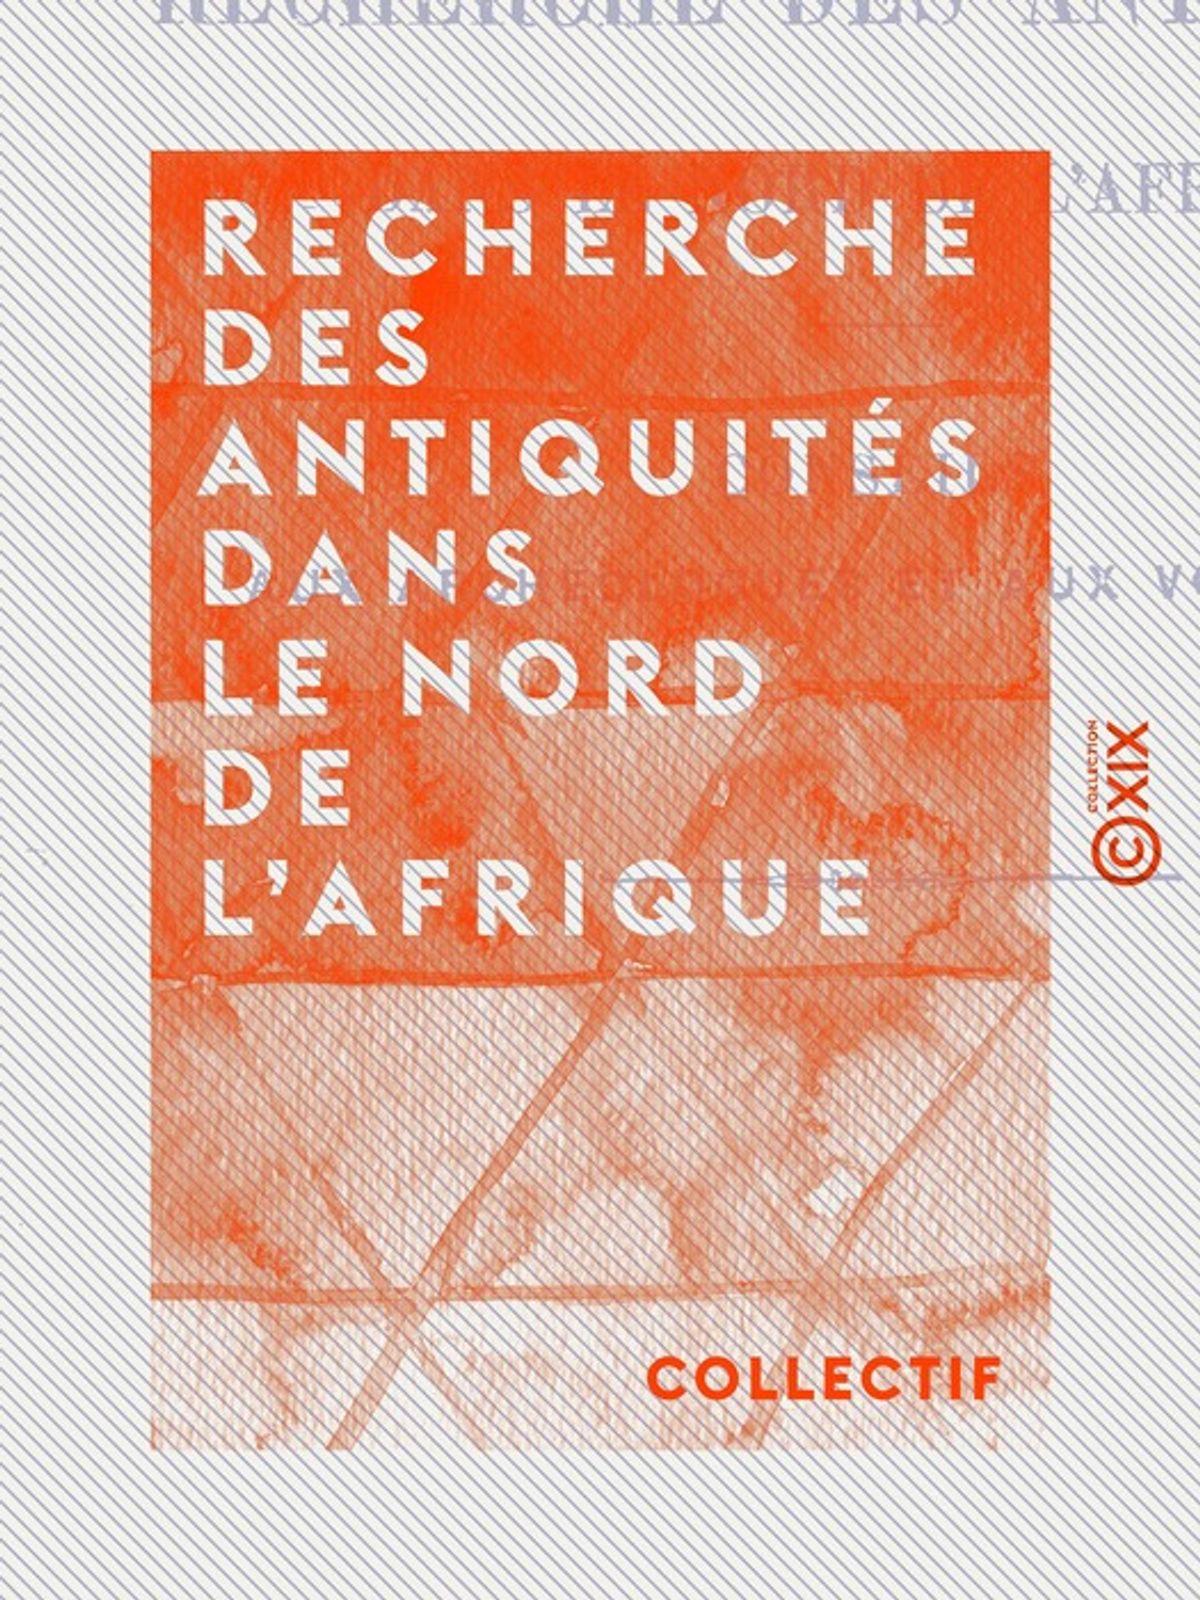 Recherche des antiquités dans le Nord de l'Afrique (Éd.1890) - Collectif